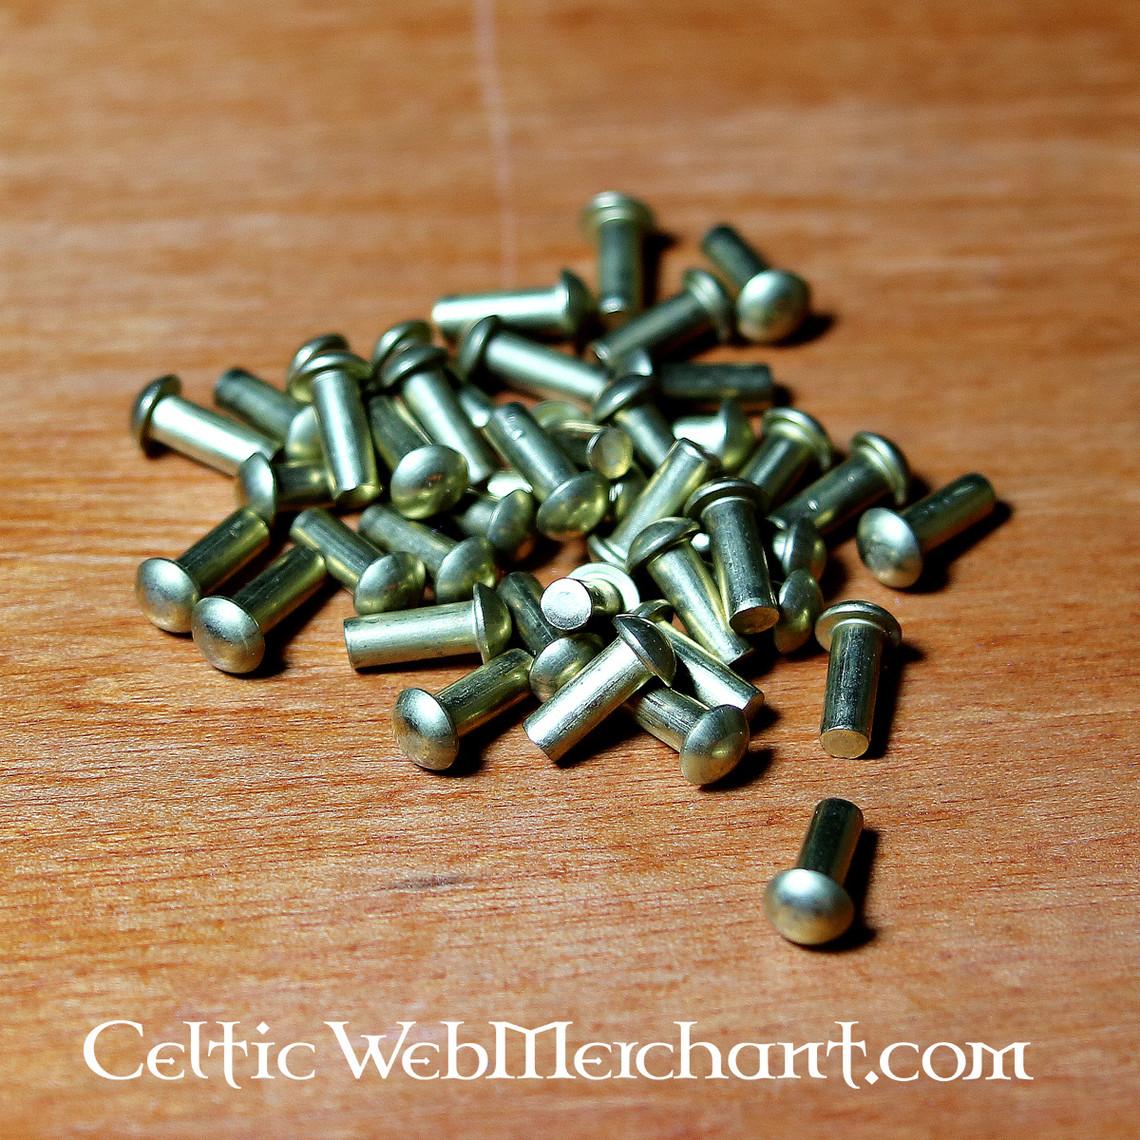 Remaches de latón de 4 mm, 10 mm de largo, juego de 50.